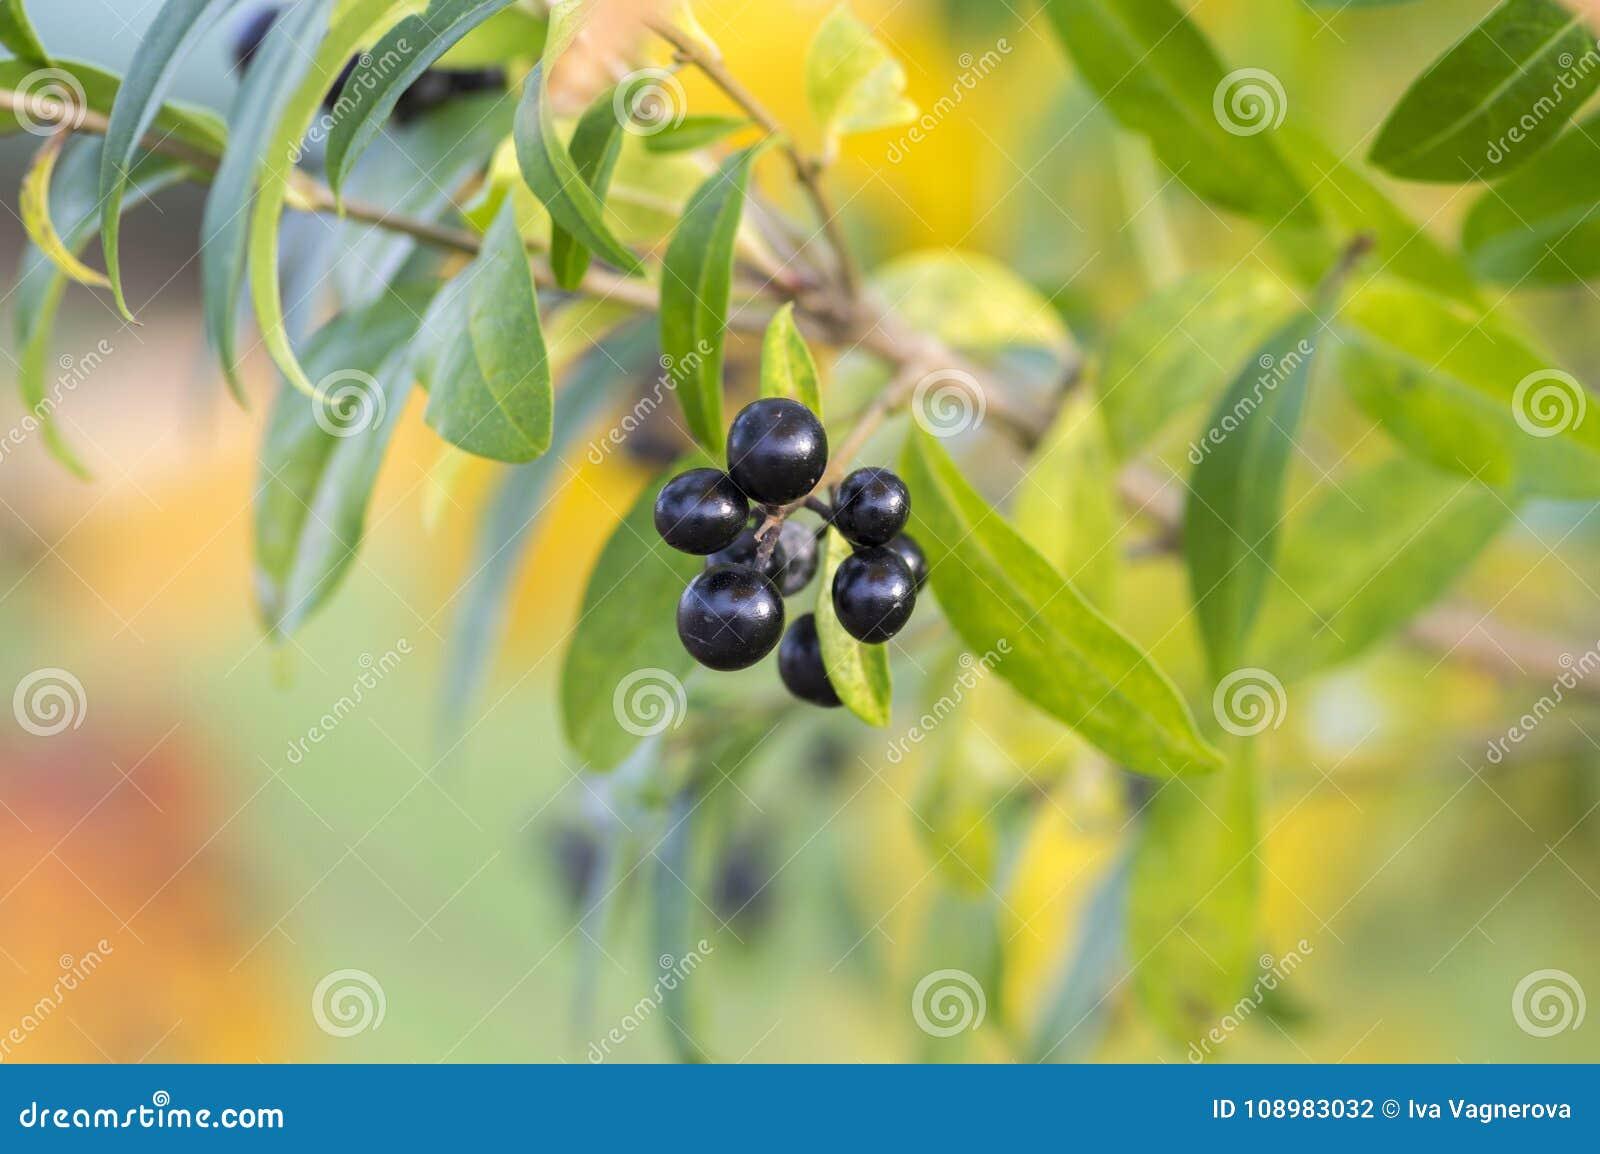 Mognade svarta bärfrukter för ligustrumen förgrena sig vulgare, buske med sidor, höst färgar i solljus